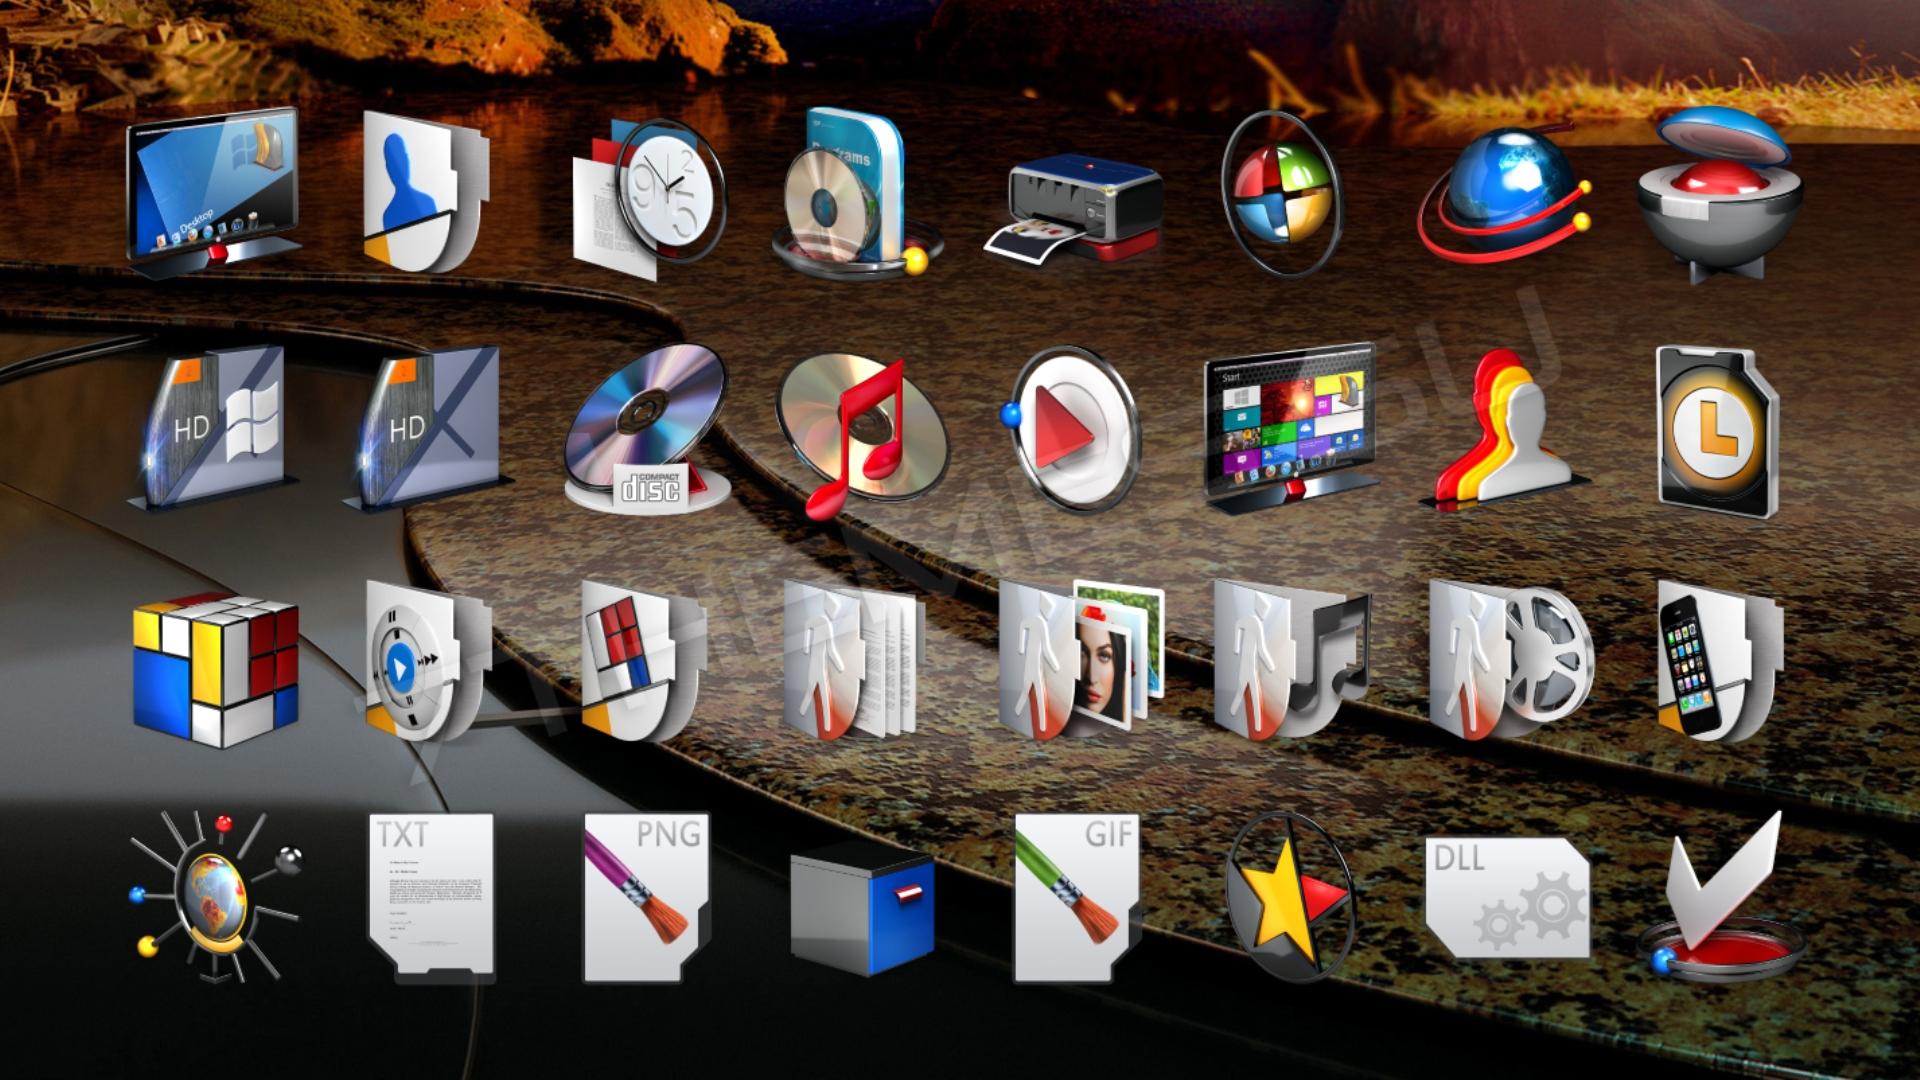 оригинальные картинки иконки для рабочего стола небольшие